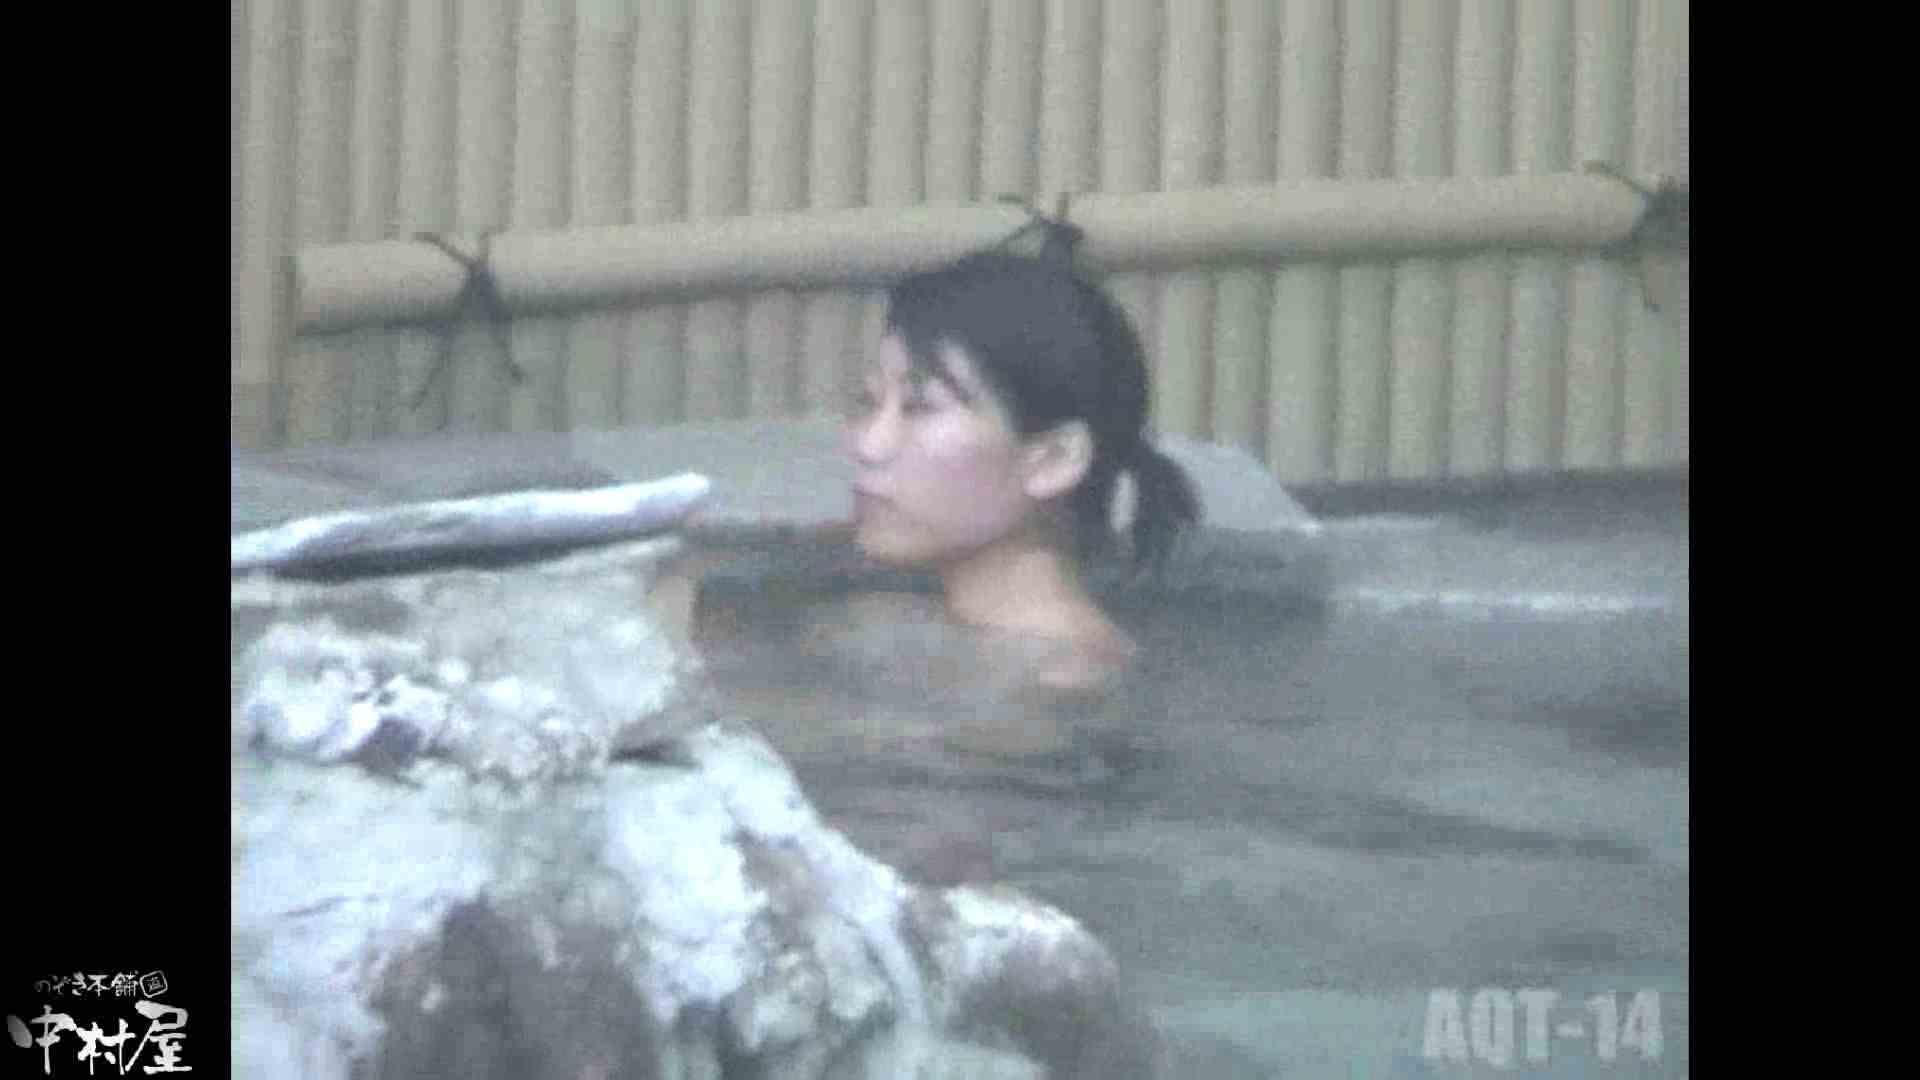 Aquaな露天風呂Vol.878潜入盗撮露天風呂十四判湯 其の一 露天 | 盗撮  78pic 67